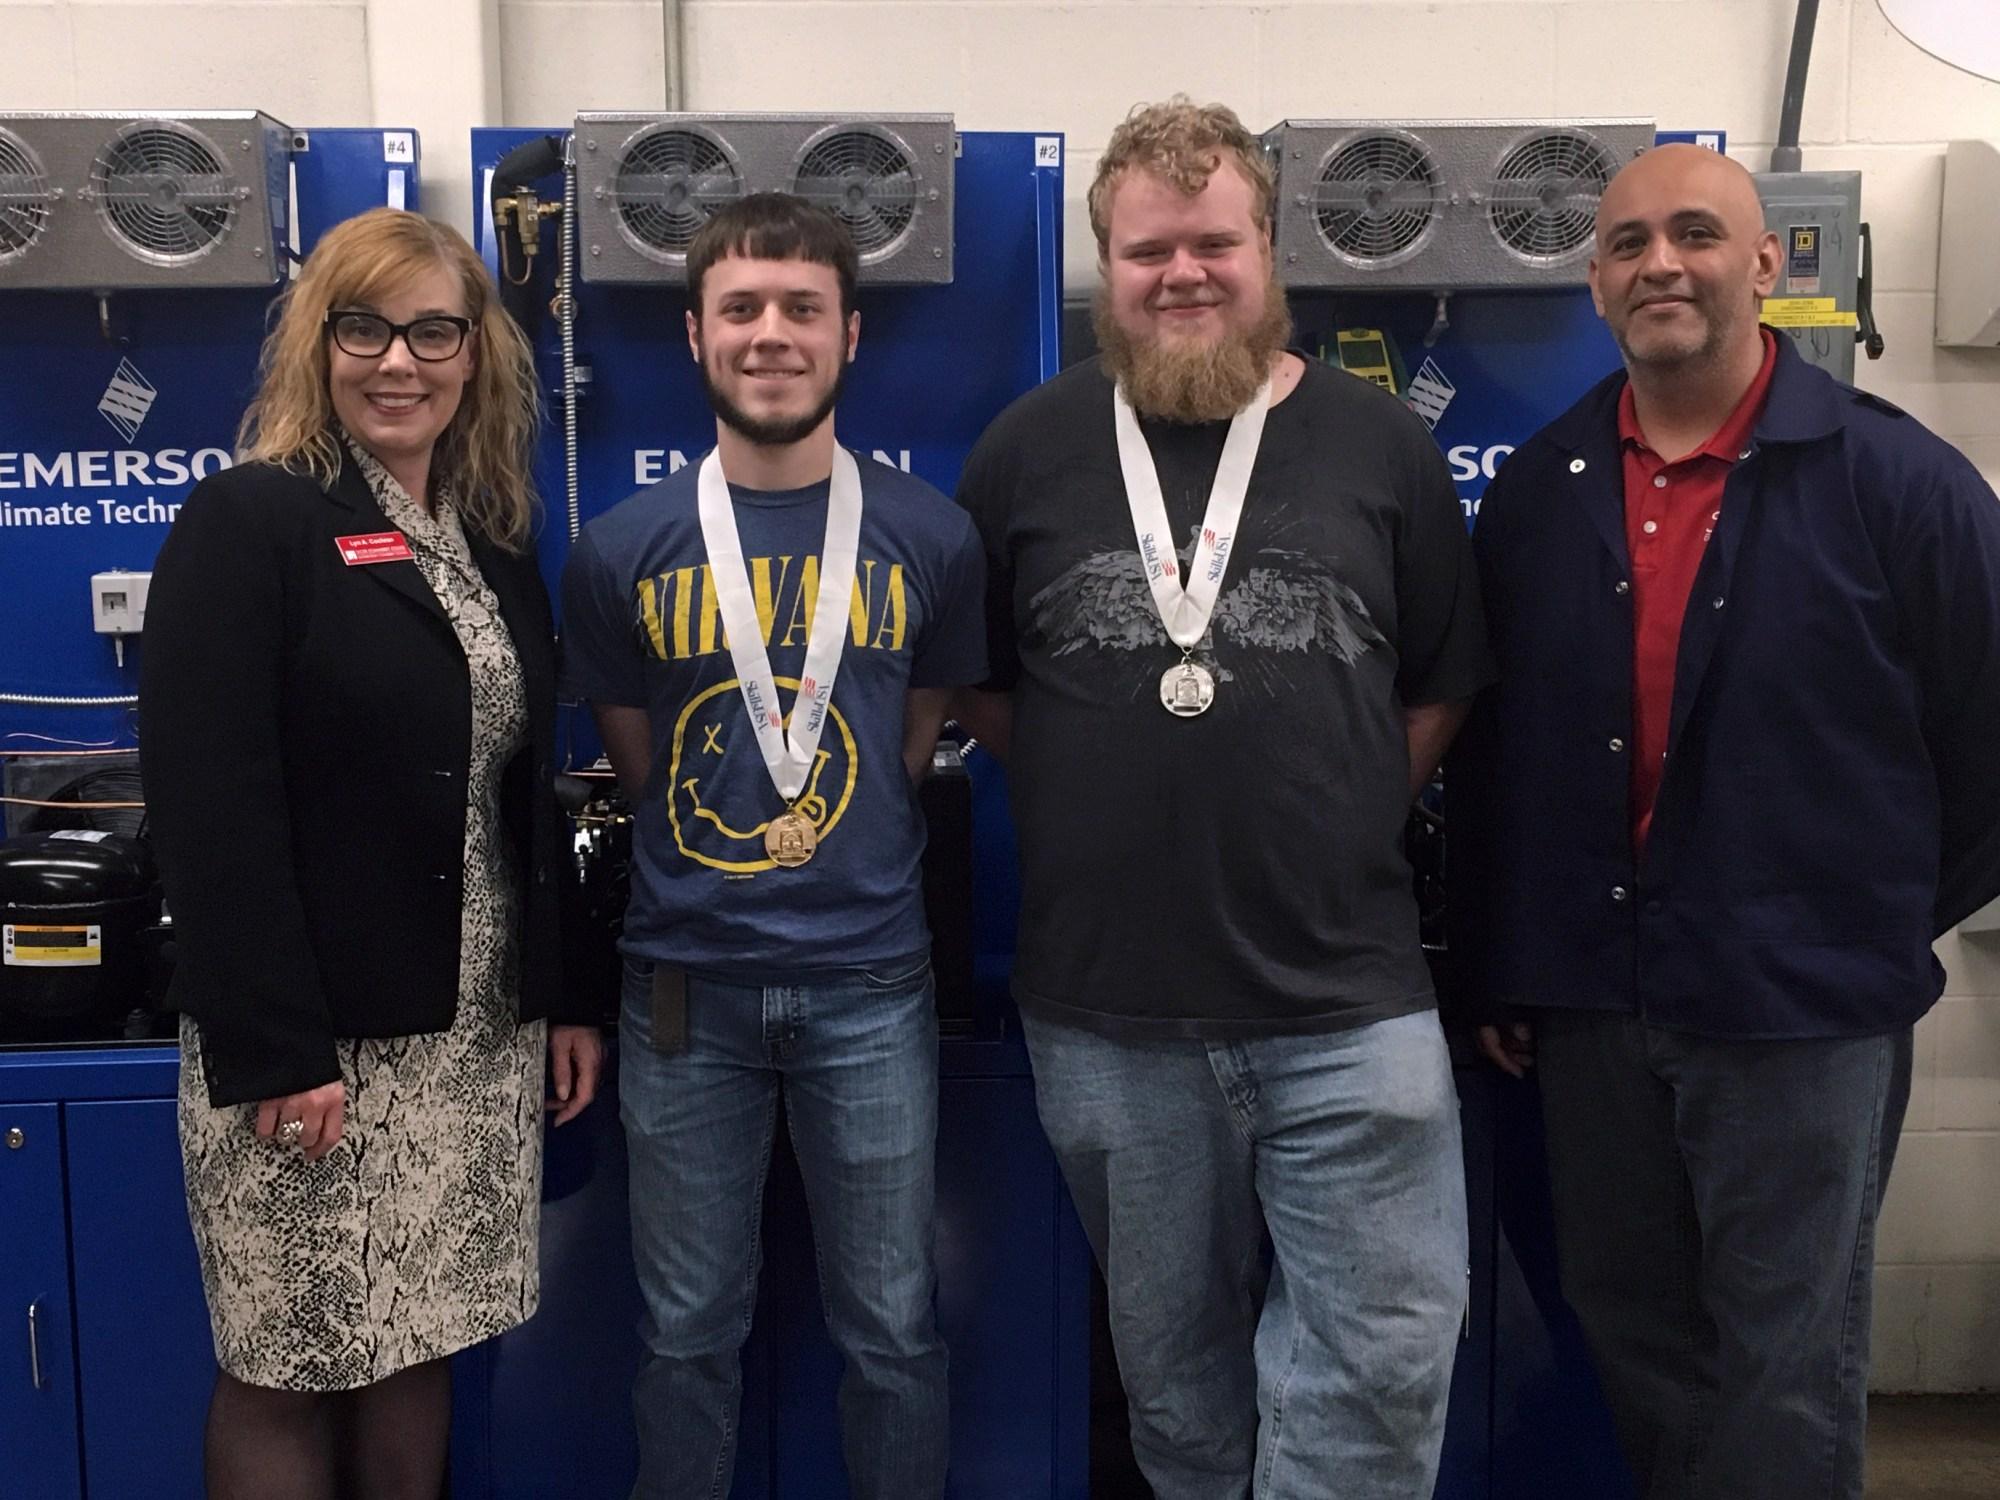 SCC President Lyn Cochran standing with winners Brennan Kearney, Brock Deschepper and HVAC instructor Zeke Gonzalez